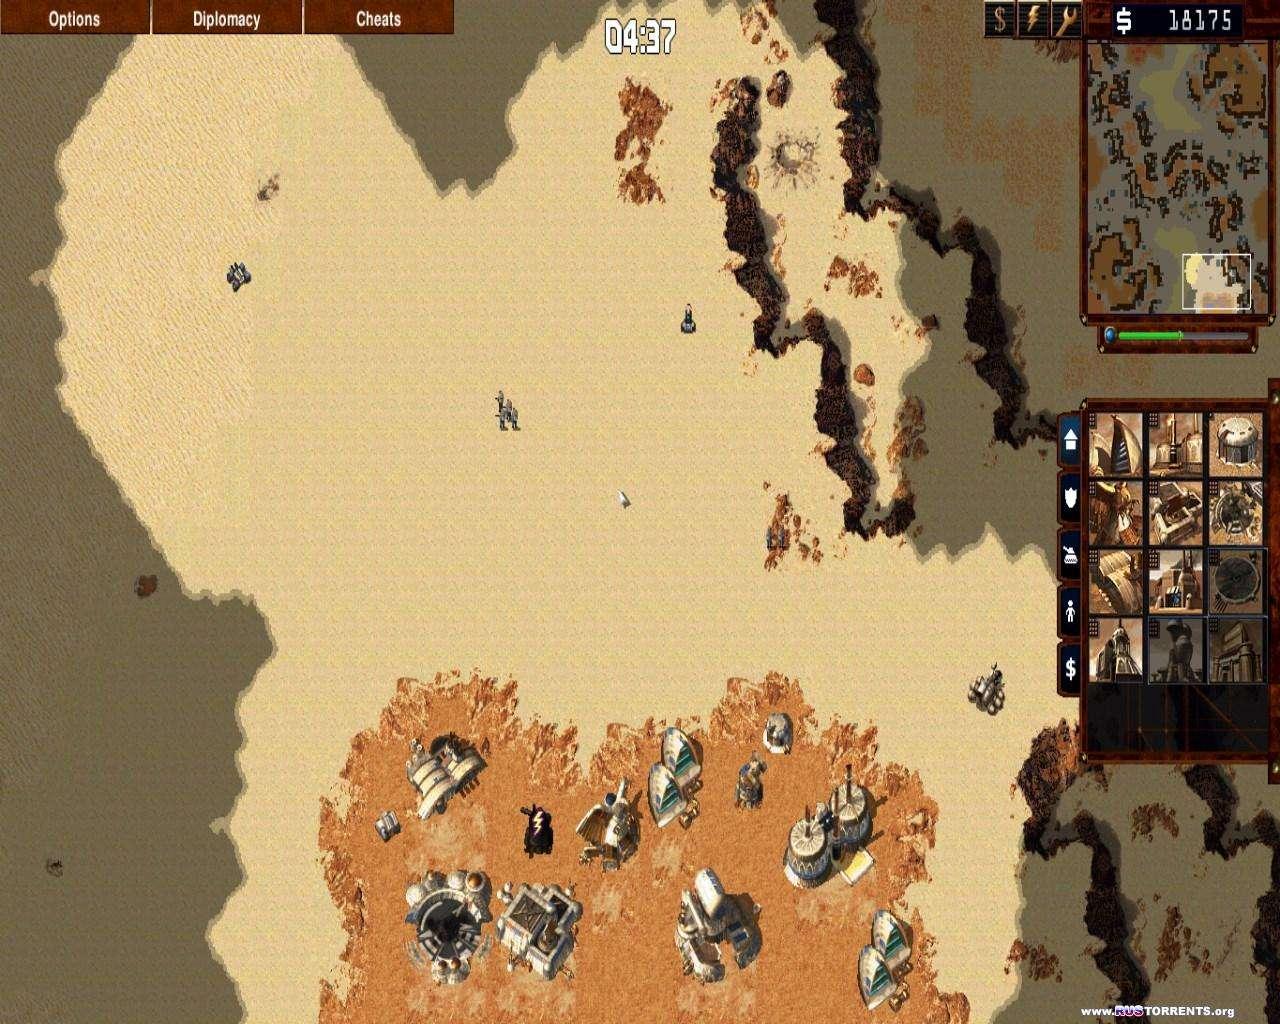 Dune 2000 [v.1.06] | RePack от Redzz